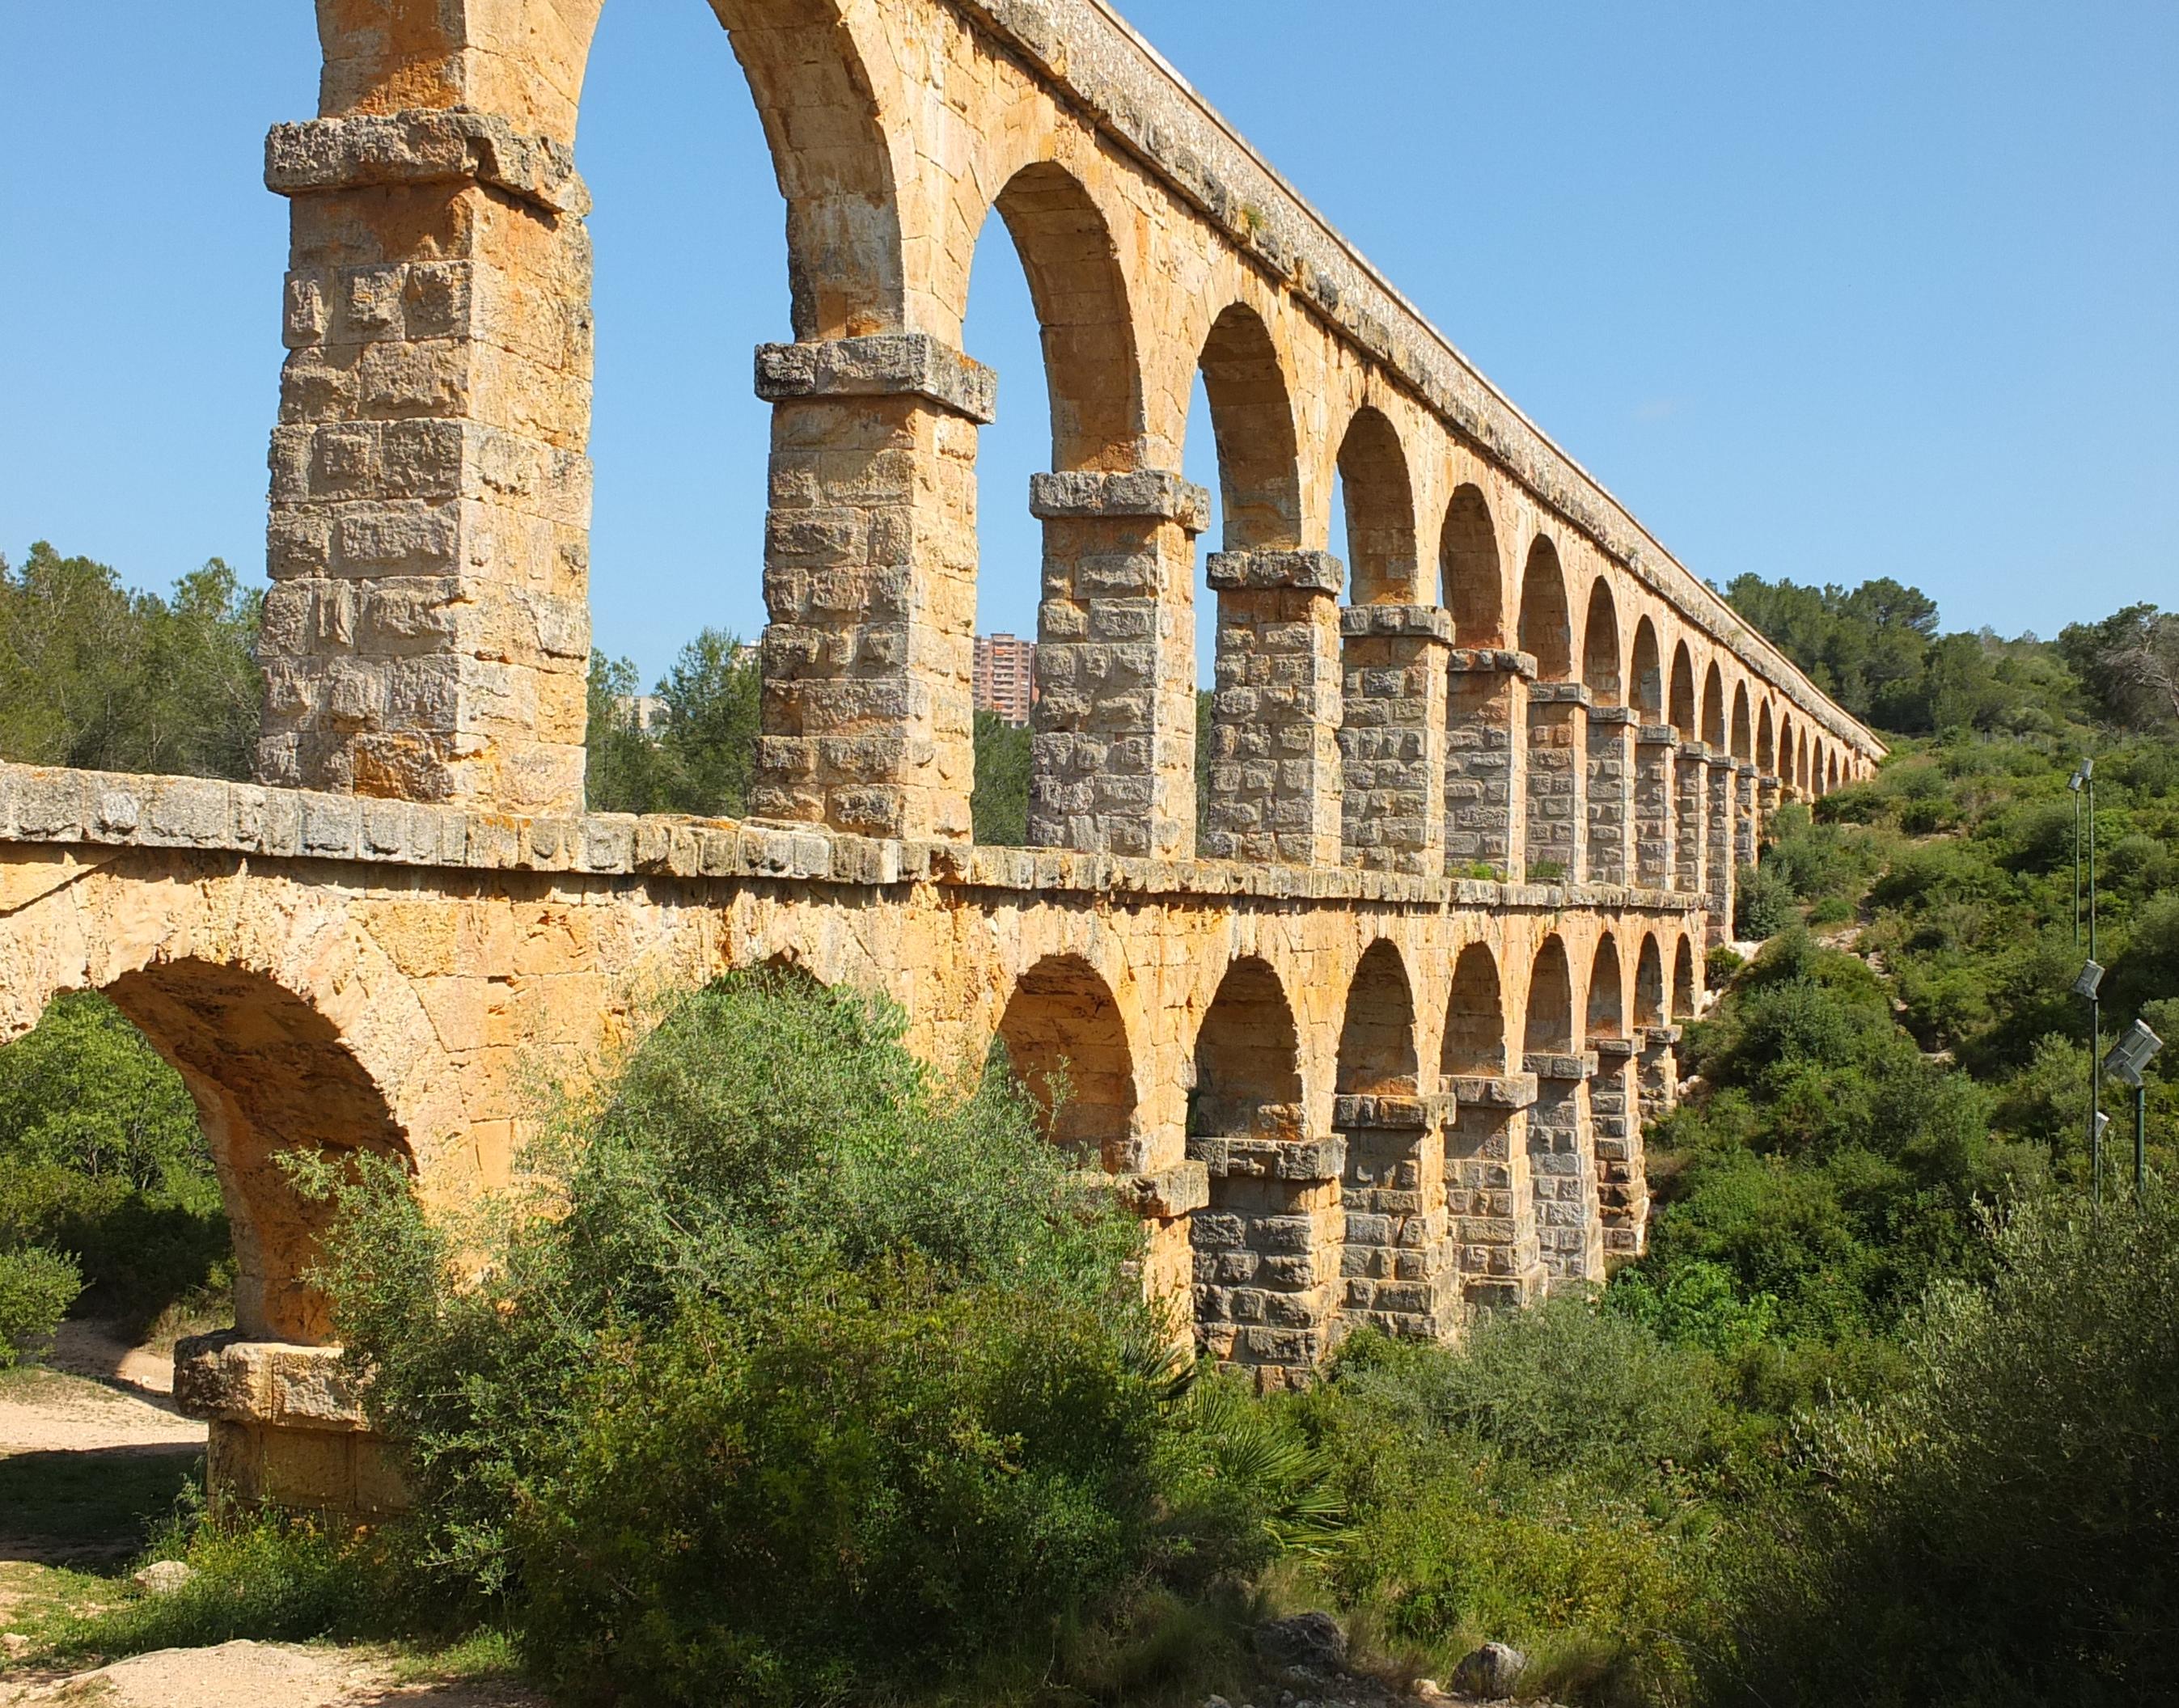 Les FerreresAqueduct